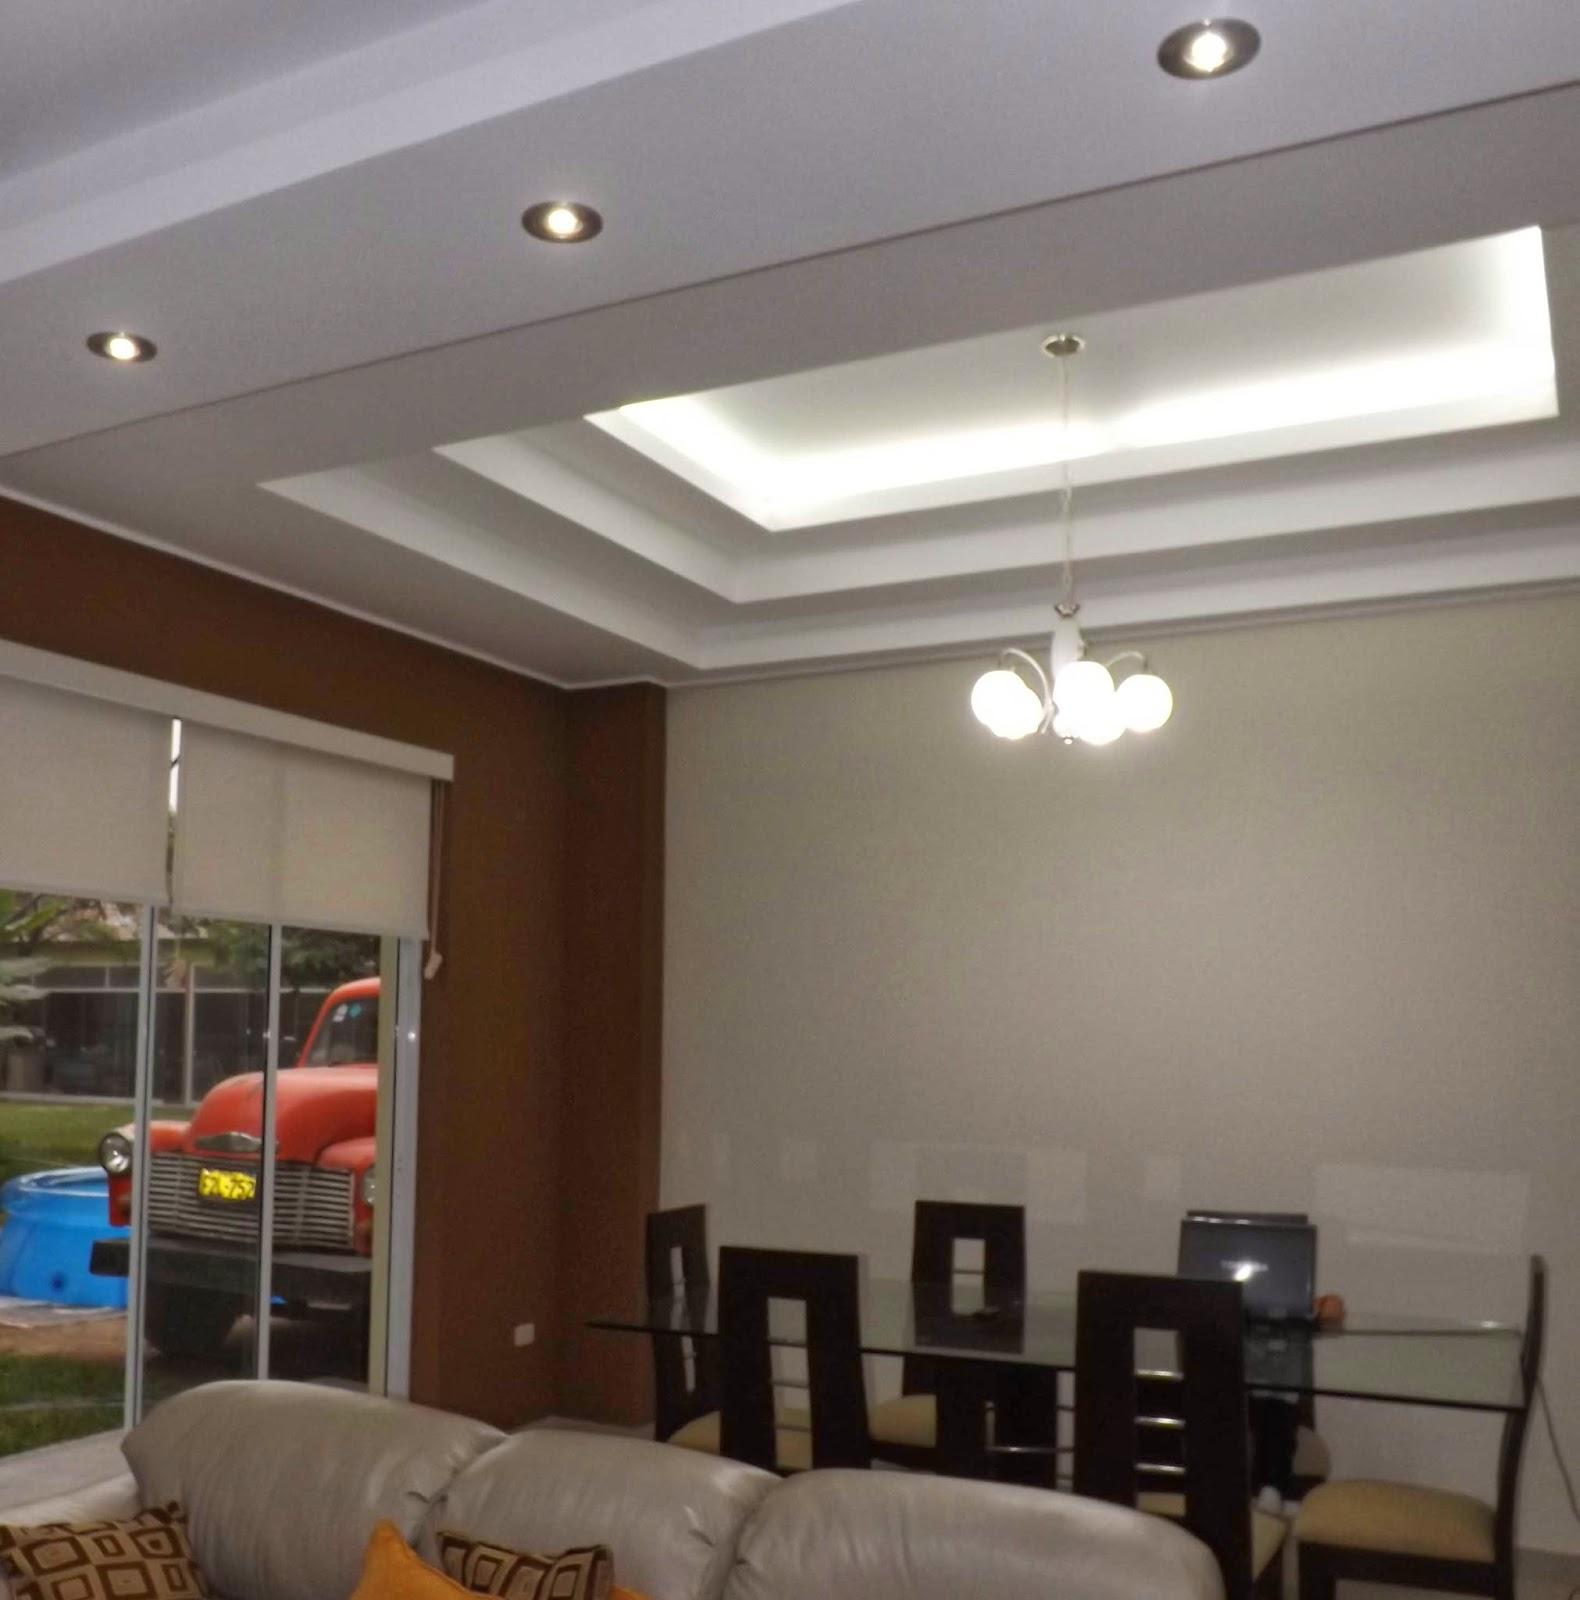 Oniria acondicionamiento de vivienda en construcci n for Techos para cocinas